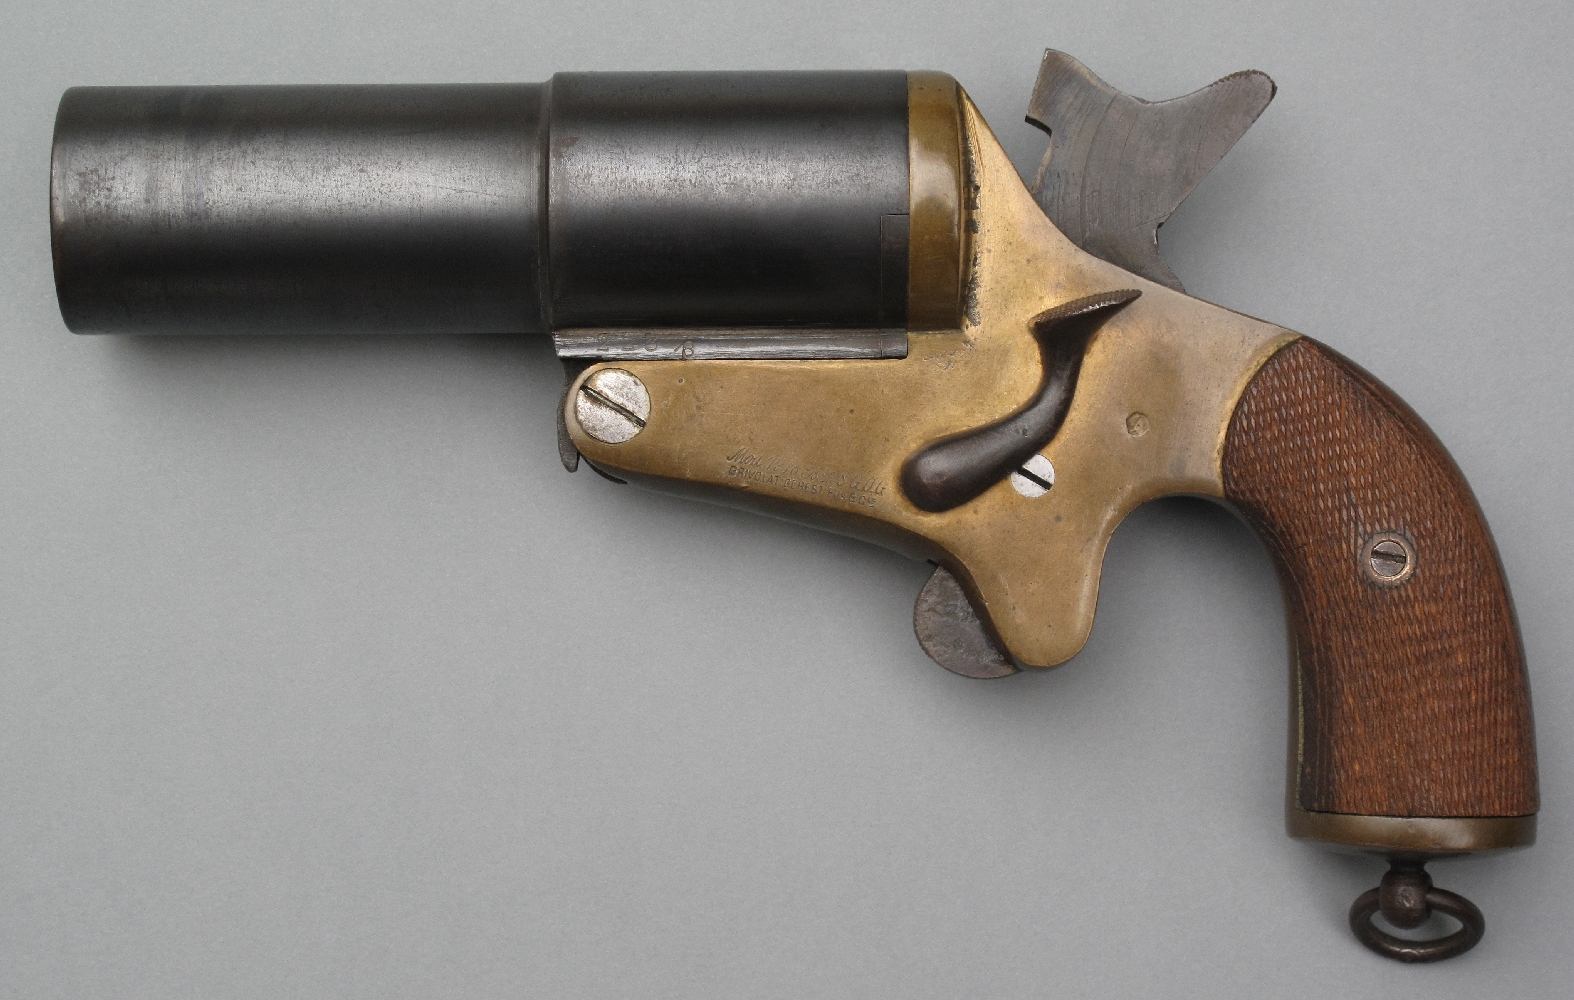 """Une version de calibre 35 mm plus aboutie, mais également plus lourde, sera adoptée par l'aviation sous la dénomination """"Modèle 1918"""". Ce pistolet, qui est produit à St-Etienne par la firme Grivolat Gerest fils et Cie, ne sera diffusé qu'en un petit nombre d'exemplaires en raison de la fin des hostilités."""